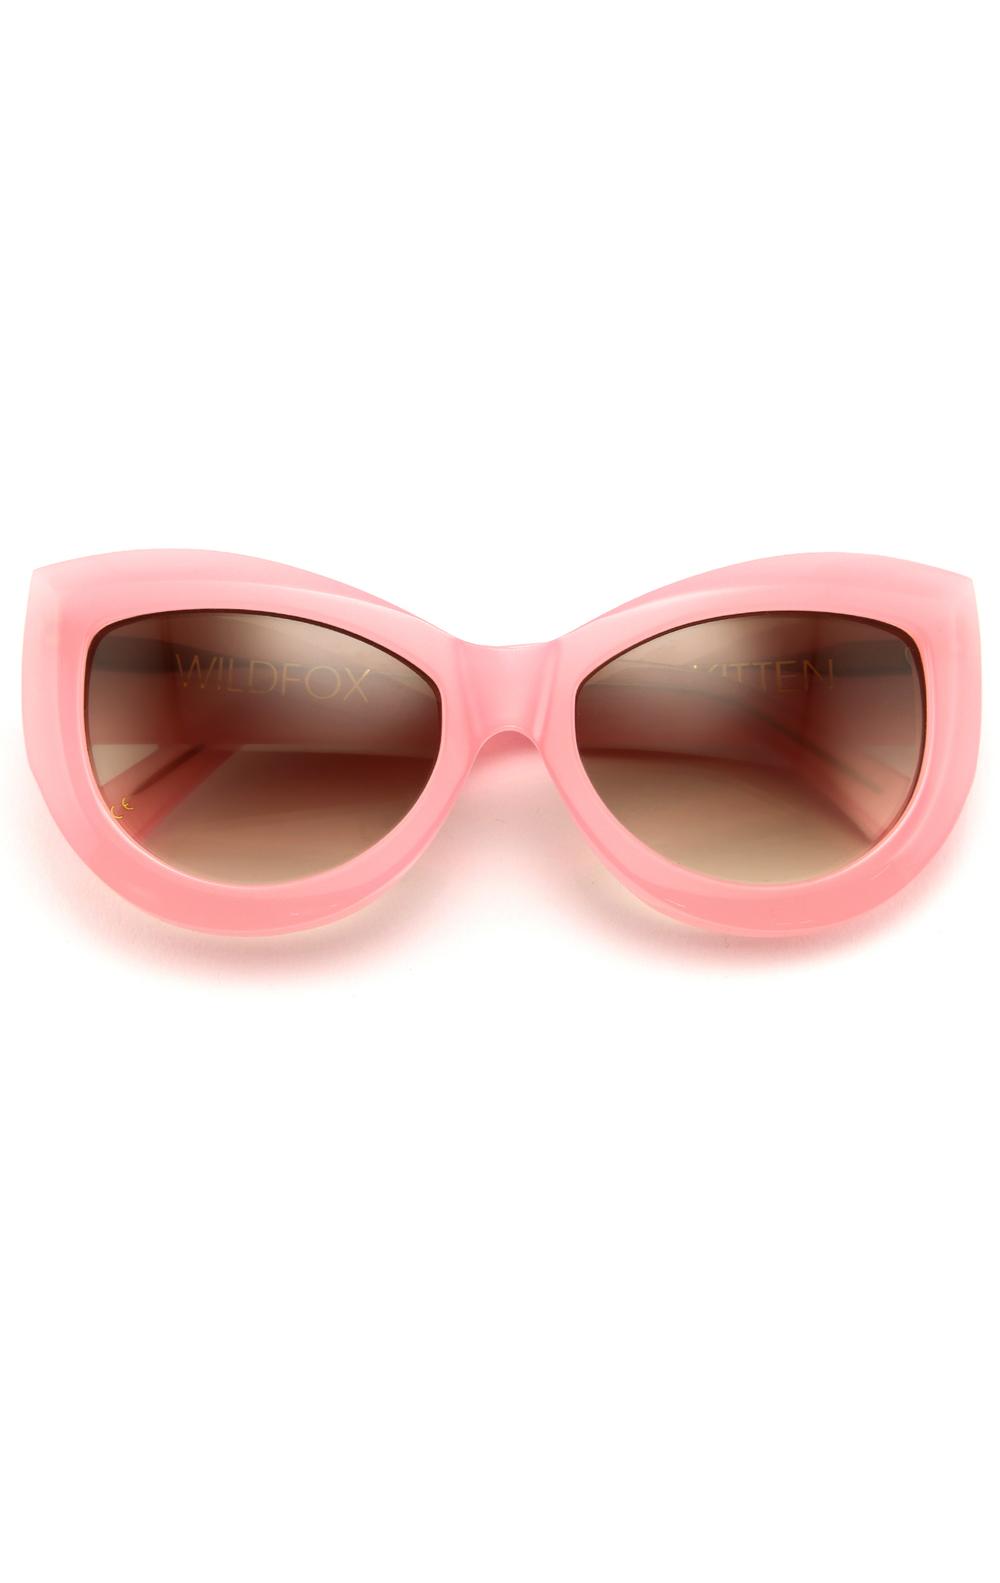 Kitten frame in Pastel pink